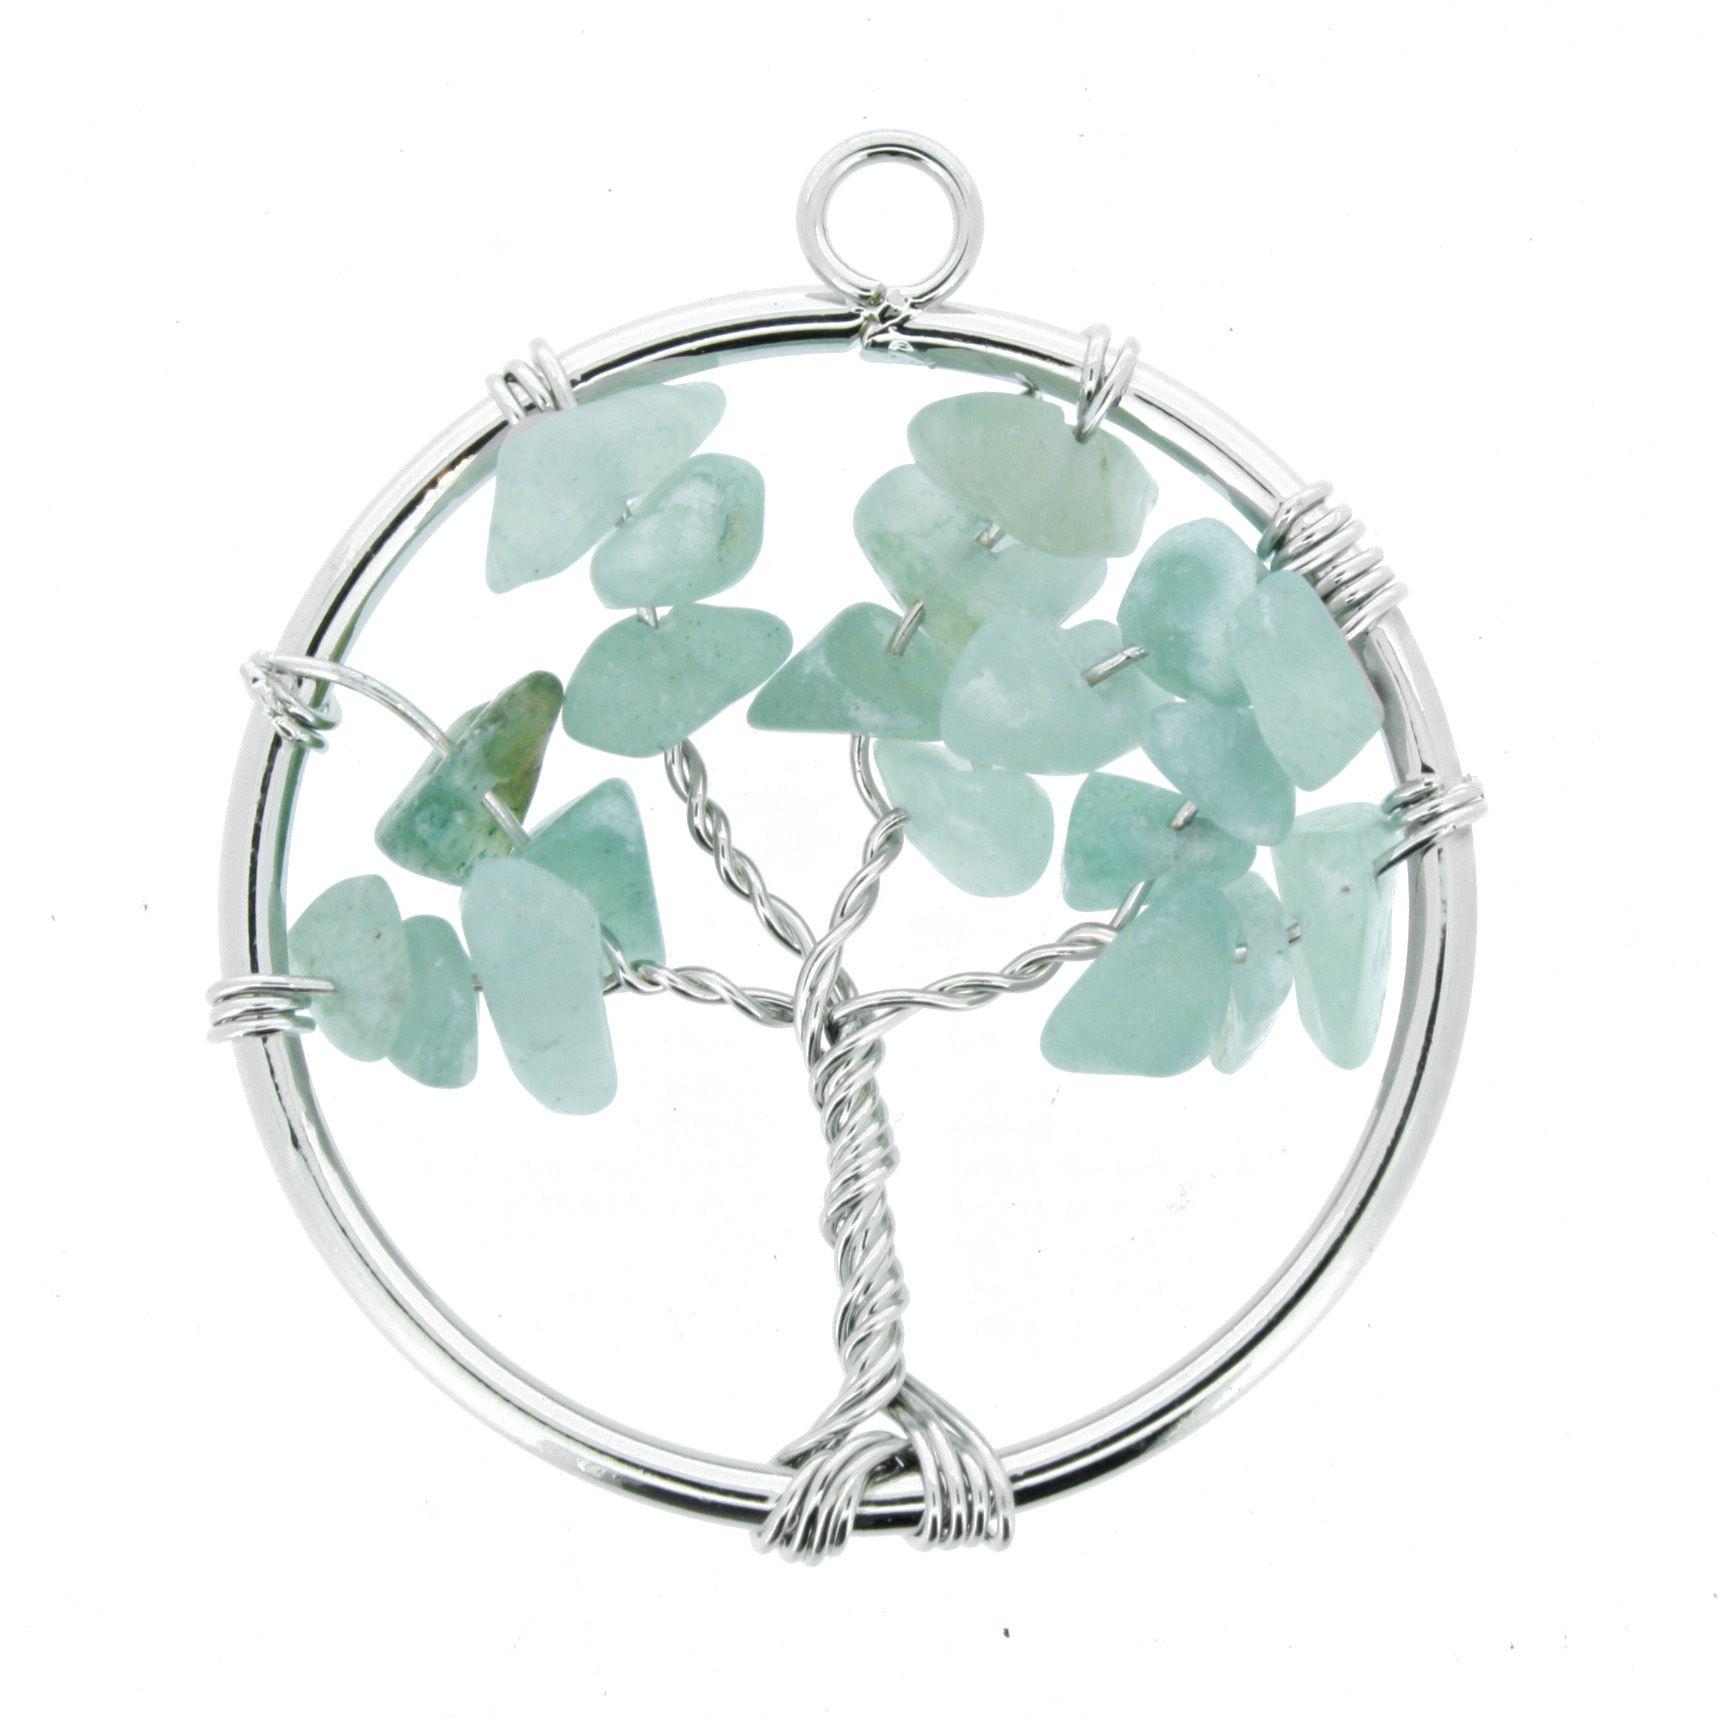 Árvore da Vida de Arame com Pedra - Quartzo Verde - 40mm  - Universo Religioso® - Artigos de Umbanda e Candomblé